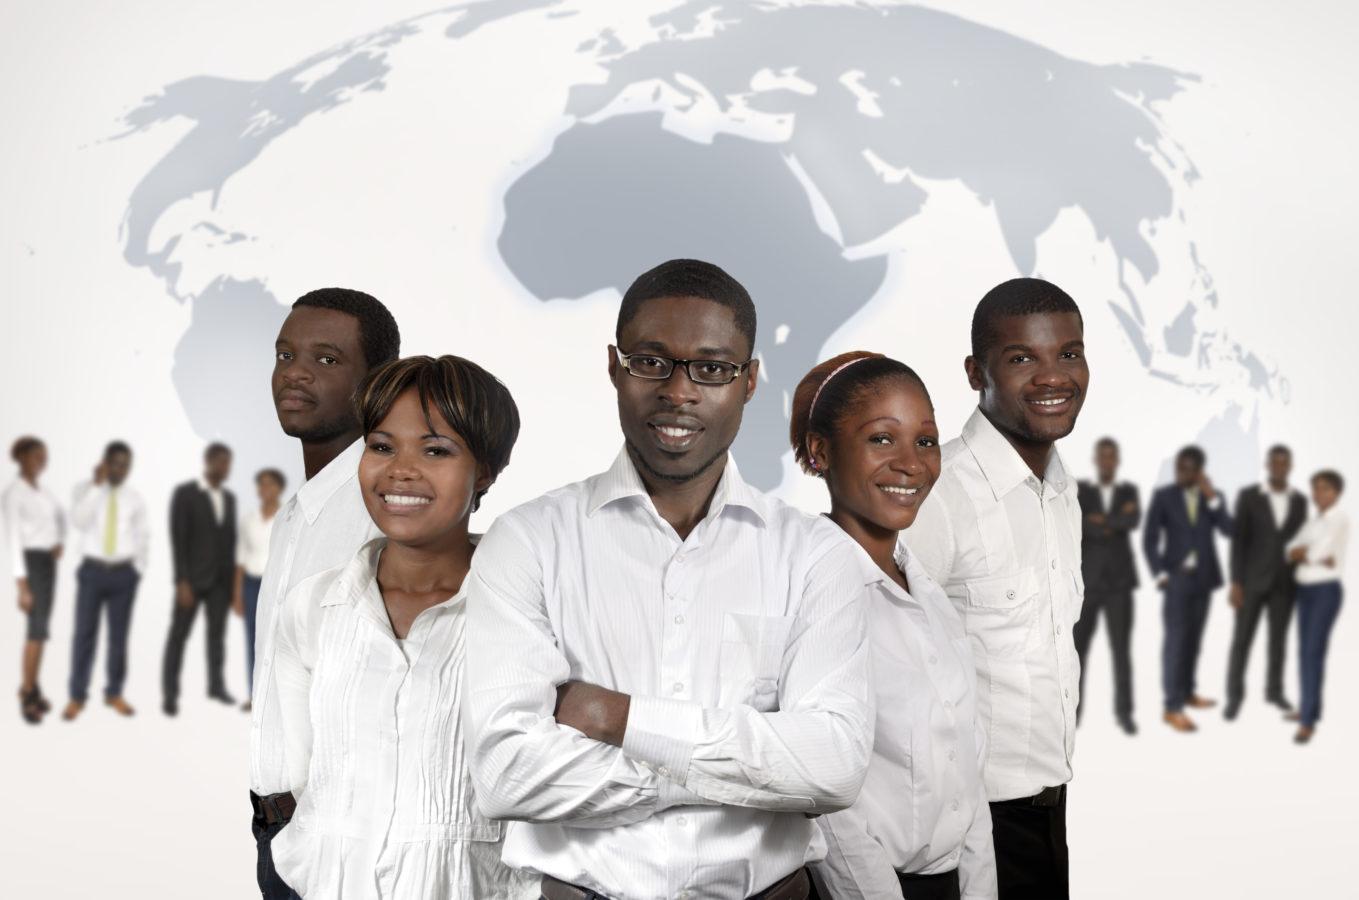 Tendances mondiales de l'emploi en 2012